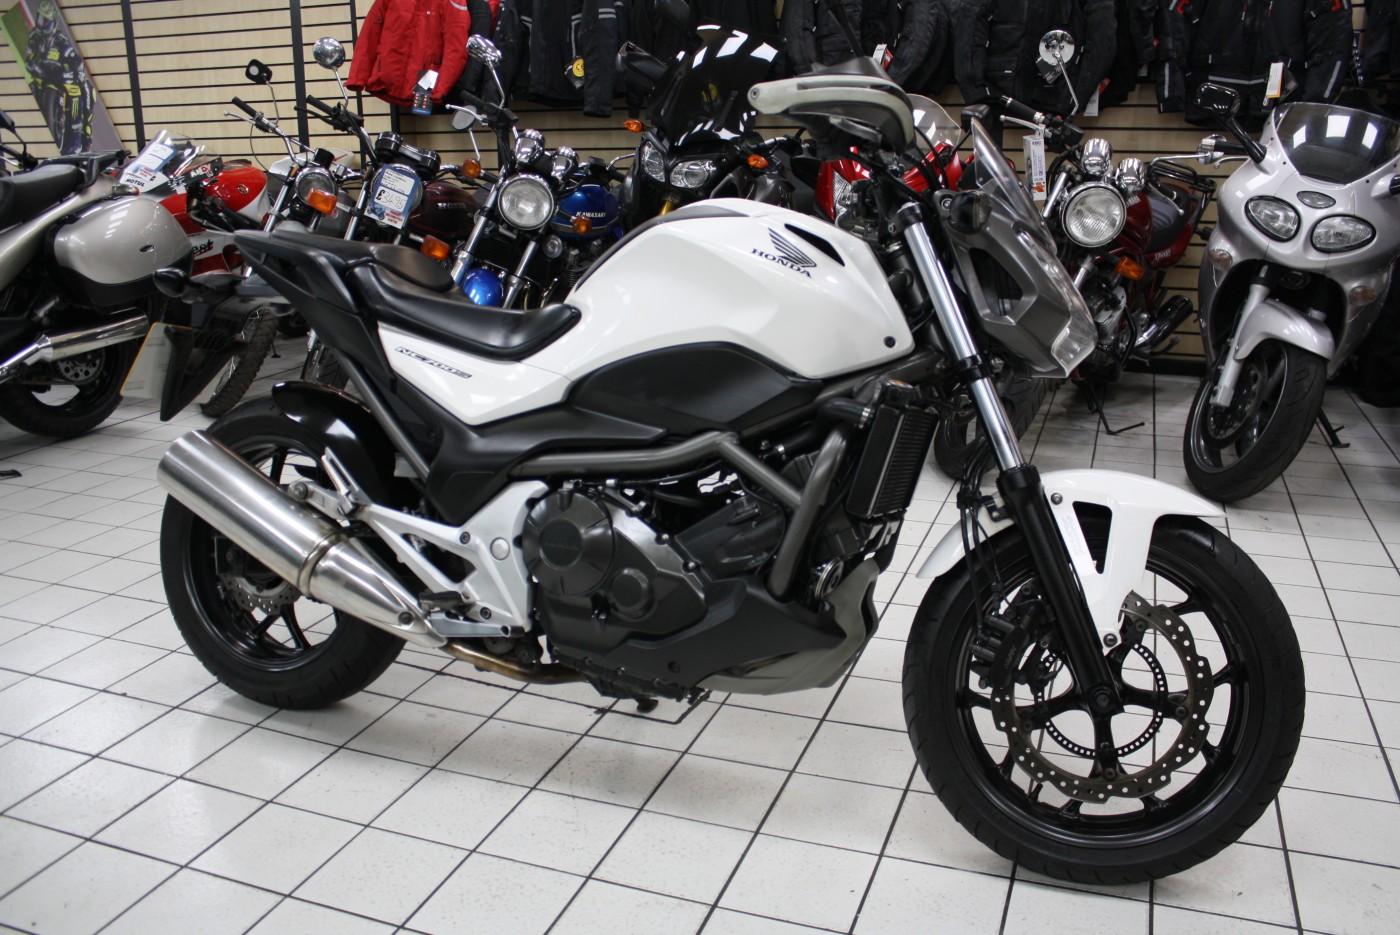 2013 Honda NC 700 SA-C 17517 Mies